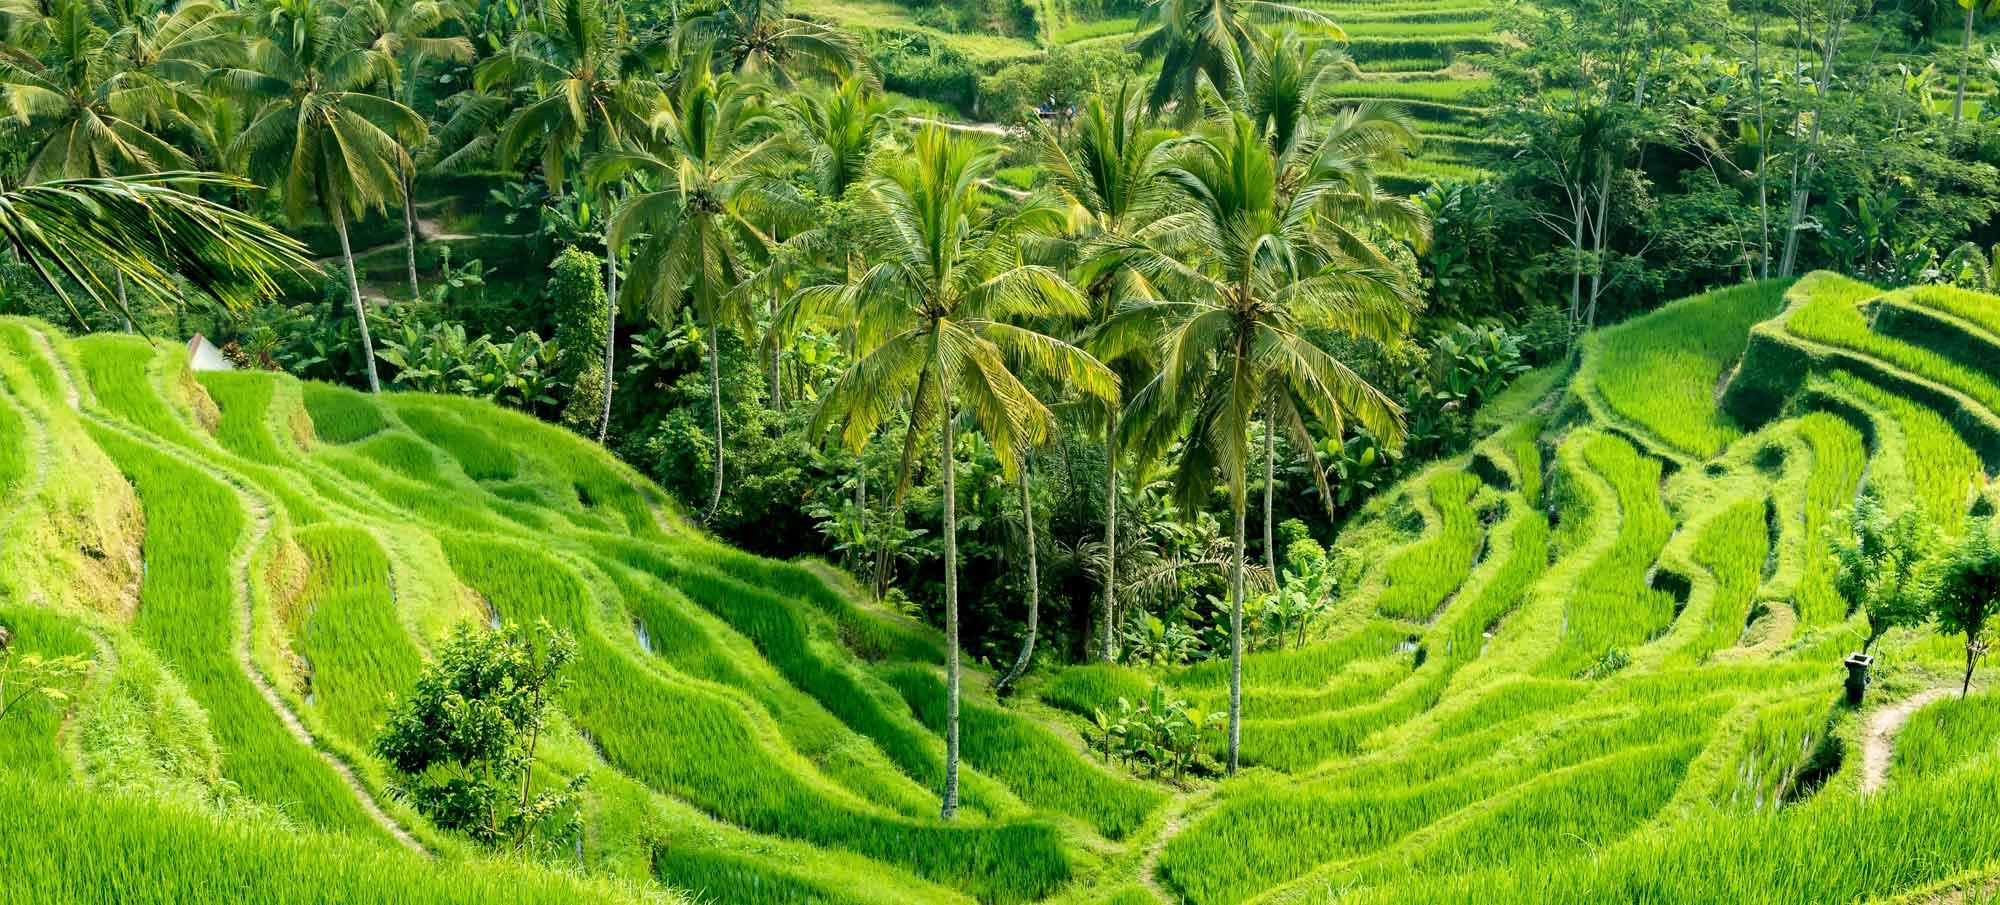 indonesie-voyage